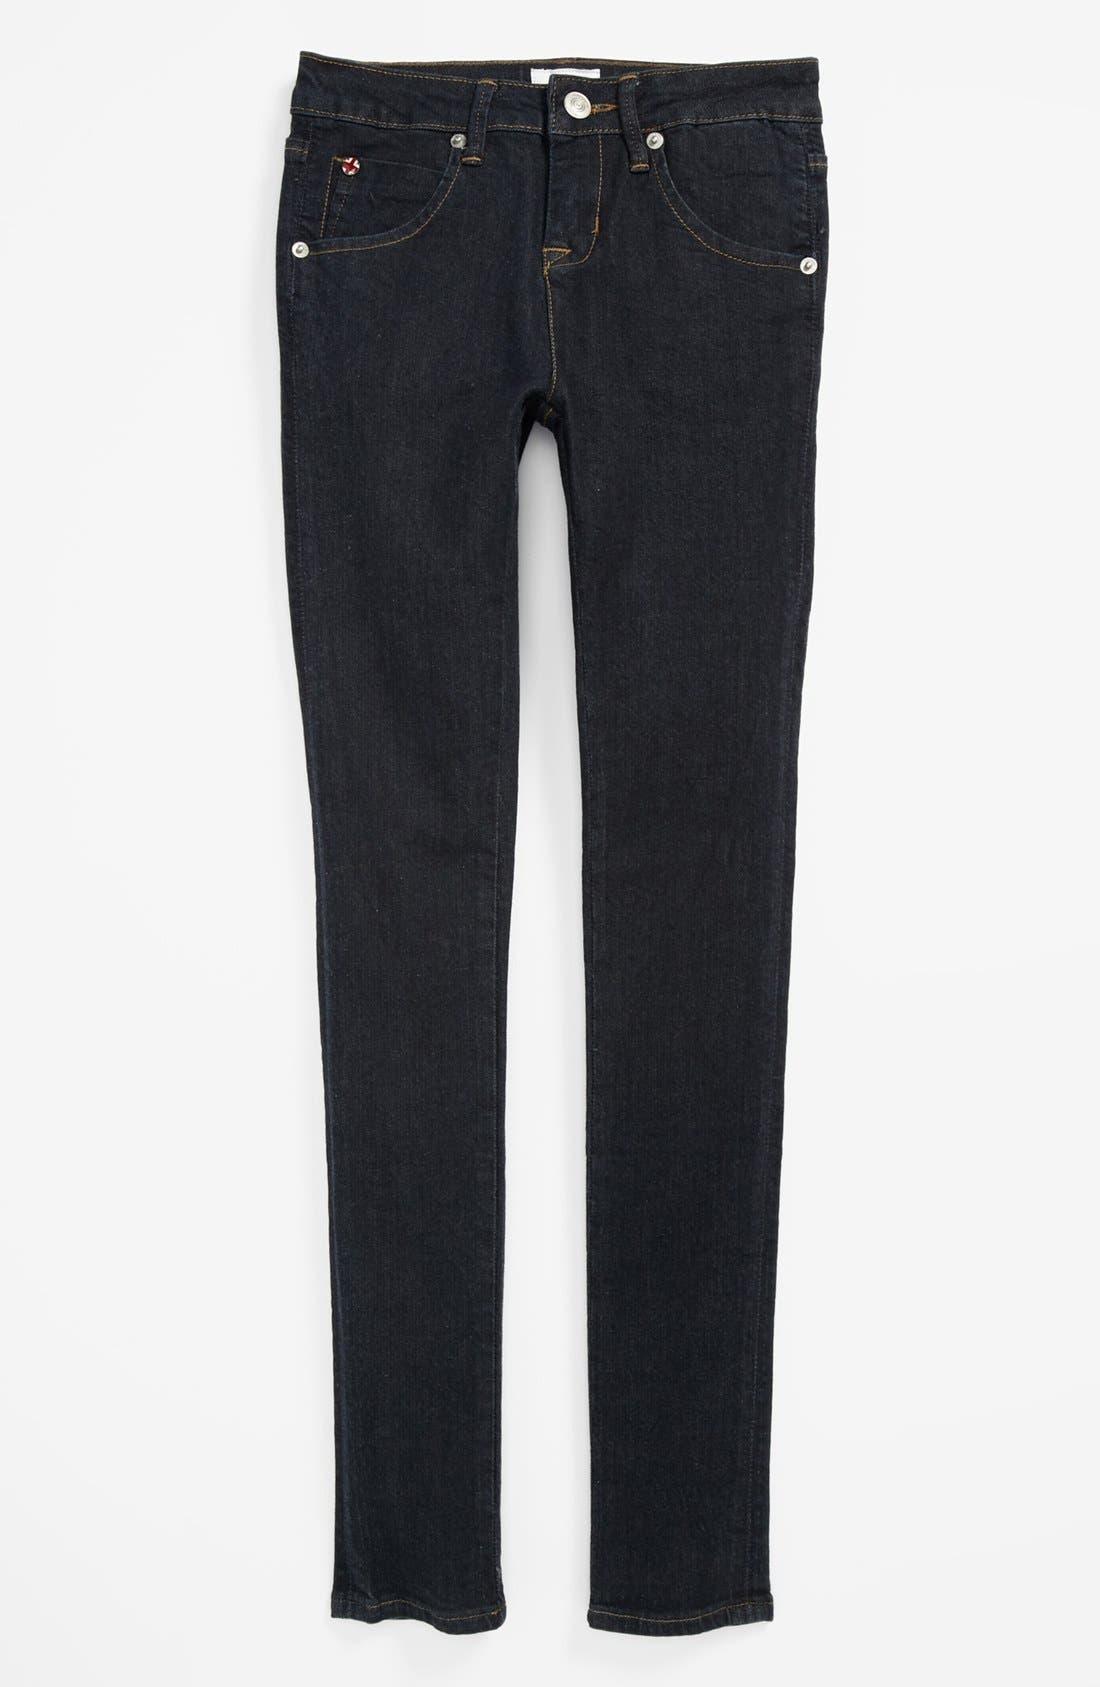 Alternate Image 2  - Hudson Kids 'Collin' Skinny Jeans (Big Girls) (Online Only)